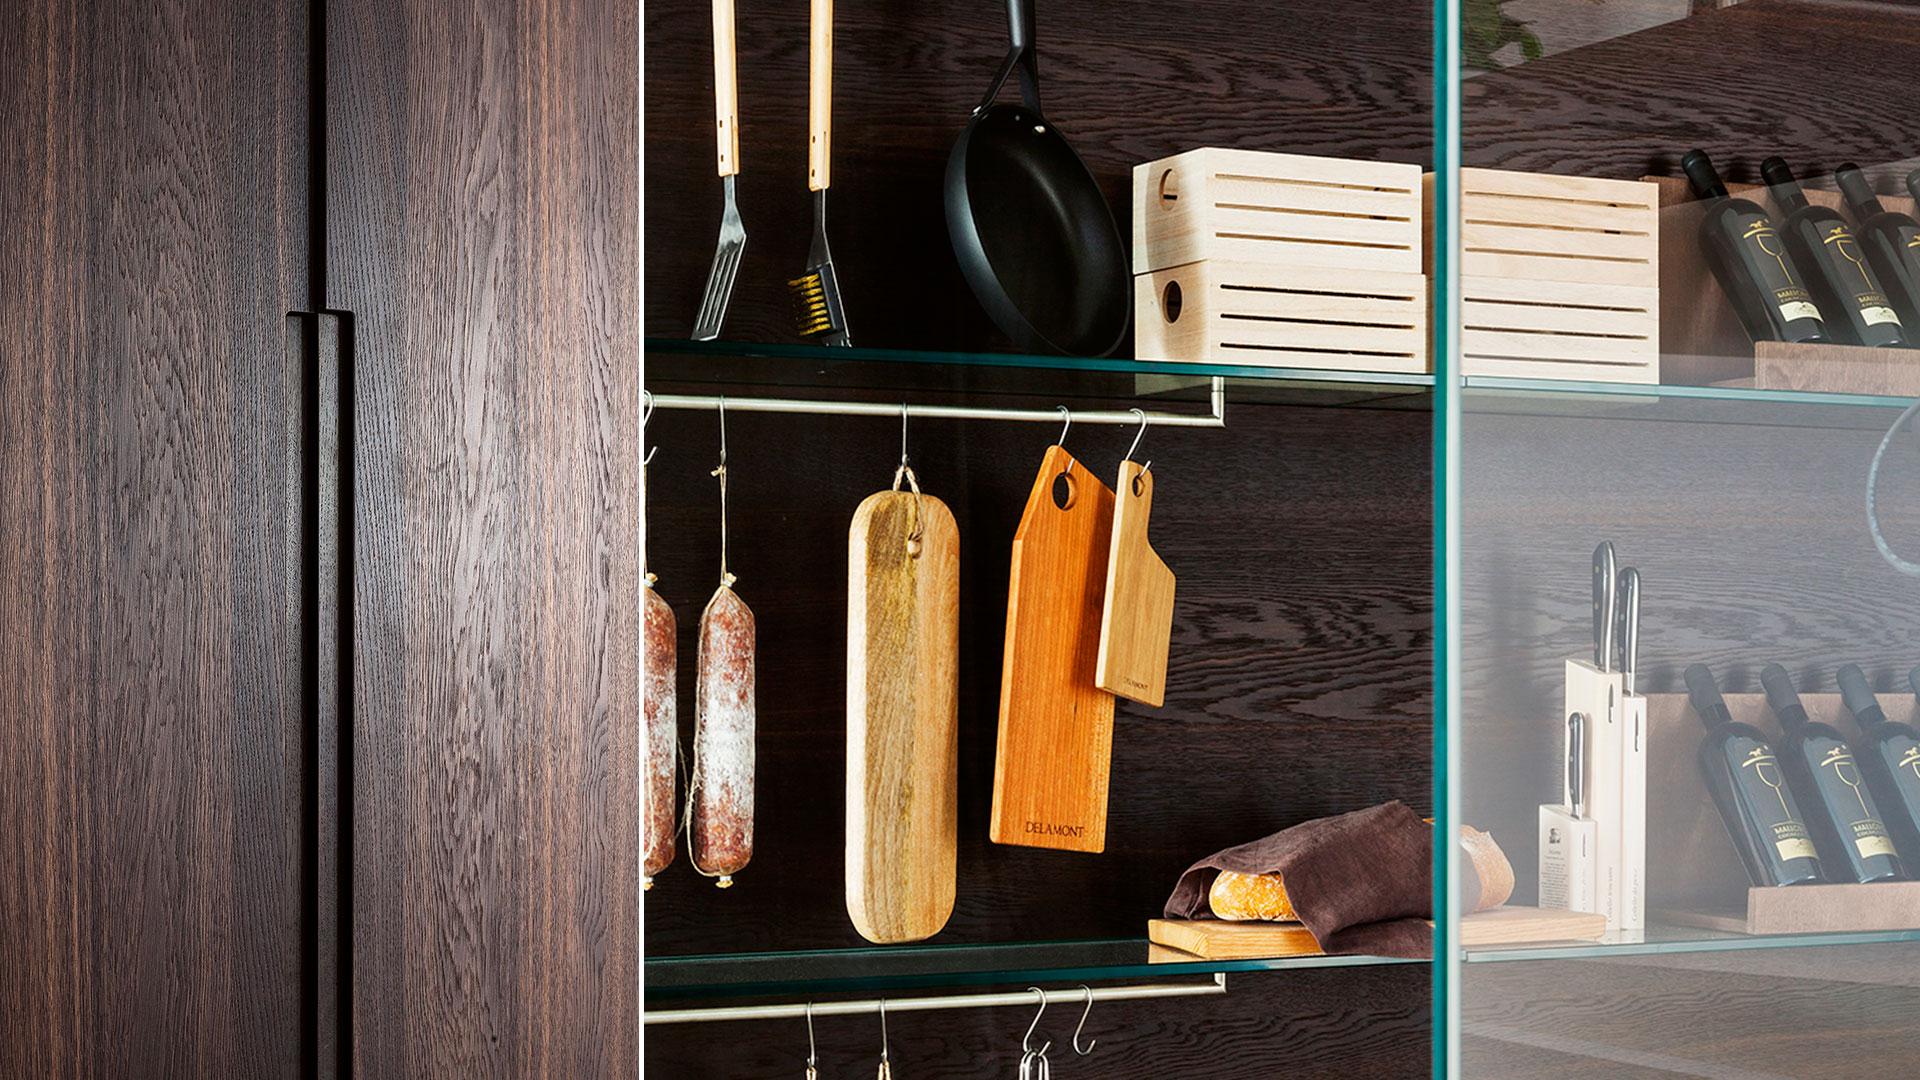 Cucina in legno e acciaio G180 | Collezioni Cucine 2018 TM Italia - TM_CAT_G180_004-b